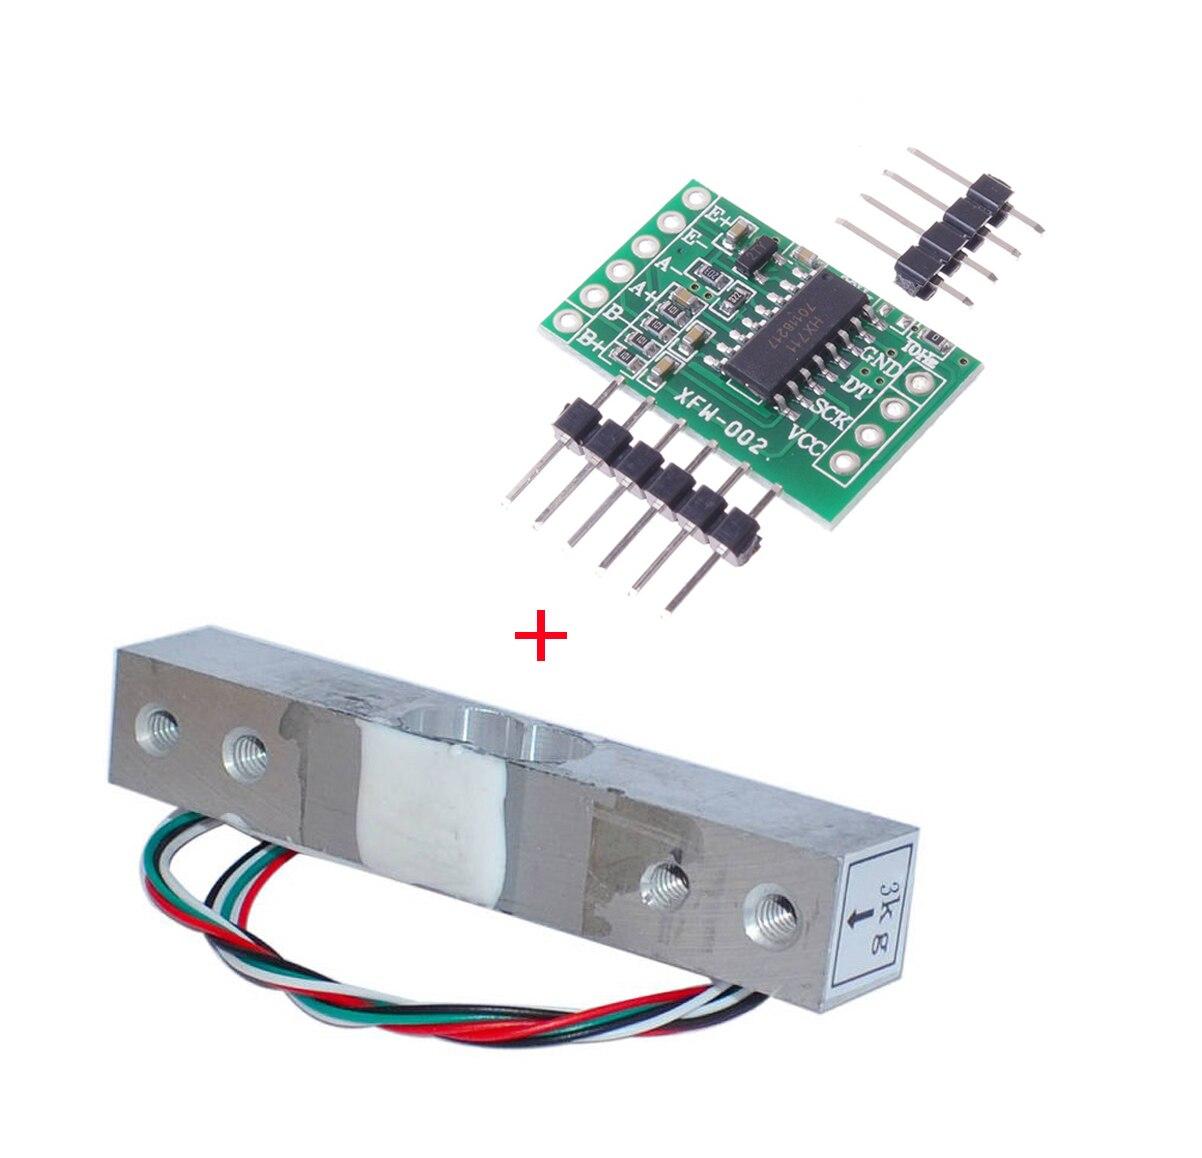 Aihasd 100kg Cellule de Charge Balance /électronique de Cuisine Capteur de Pesage pour HX711 AD Module pour Arduino pour Raspberry Pi